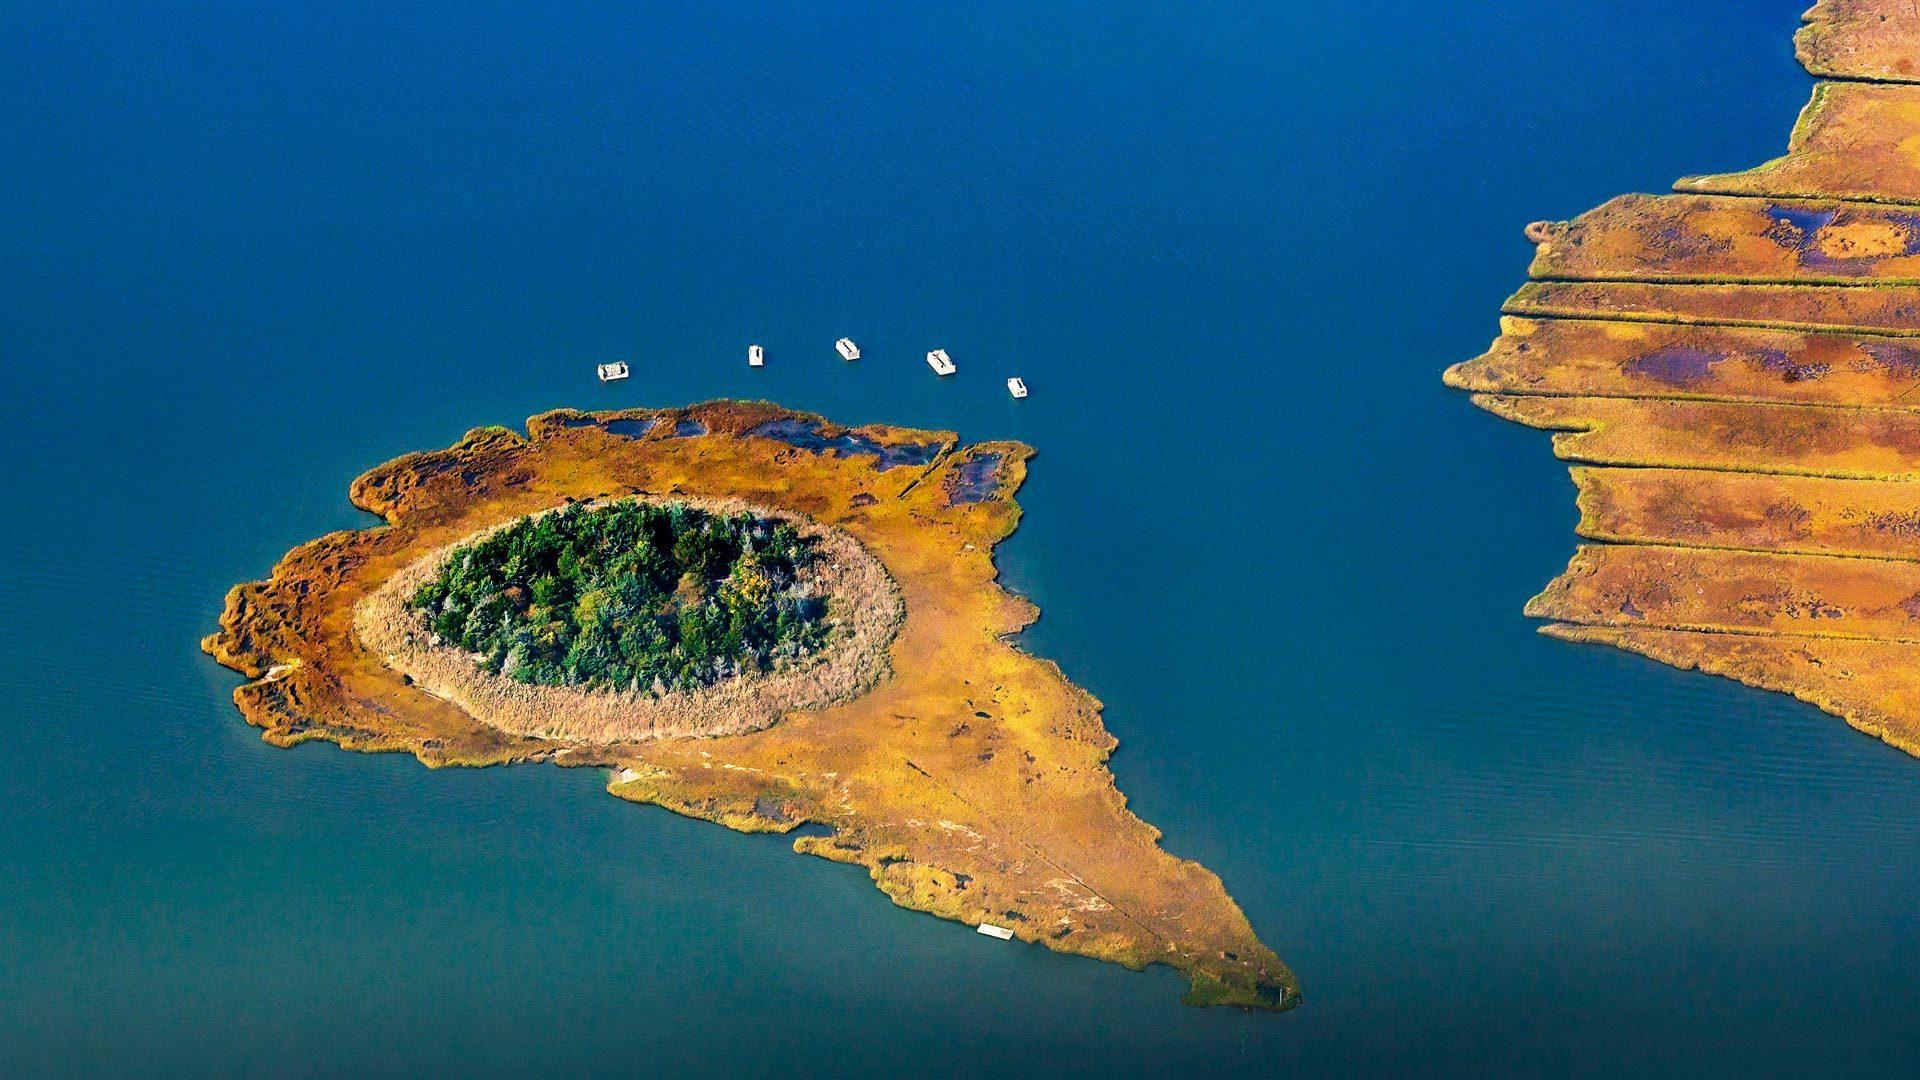 莫尼博克湾的芦苇岛长岛汉普顿海滩